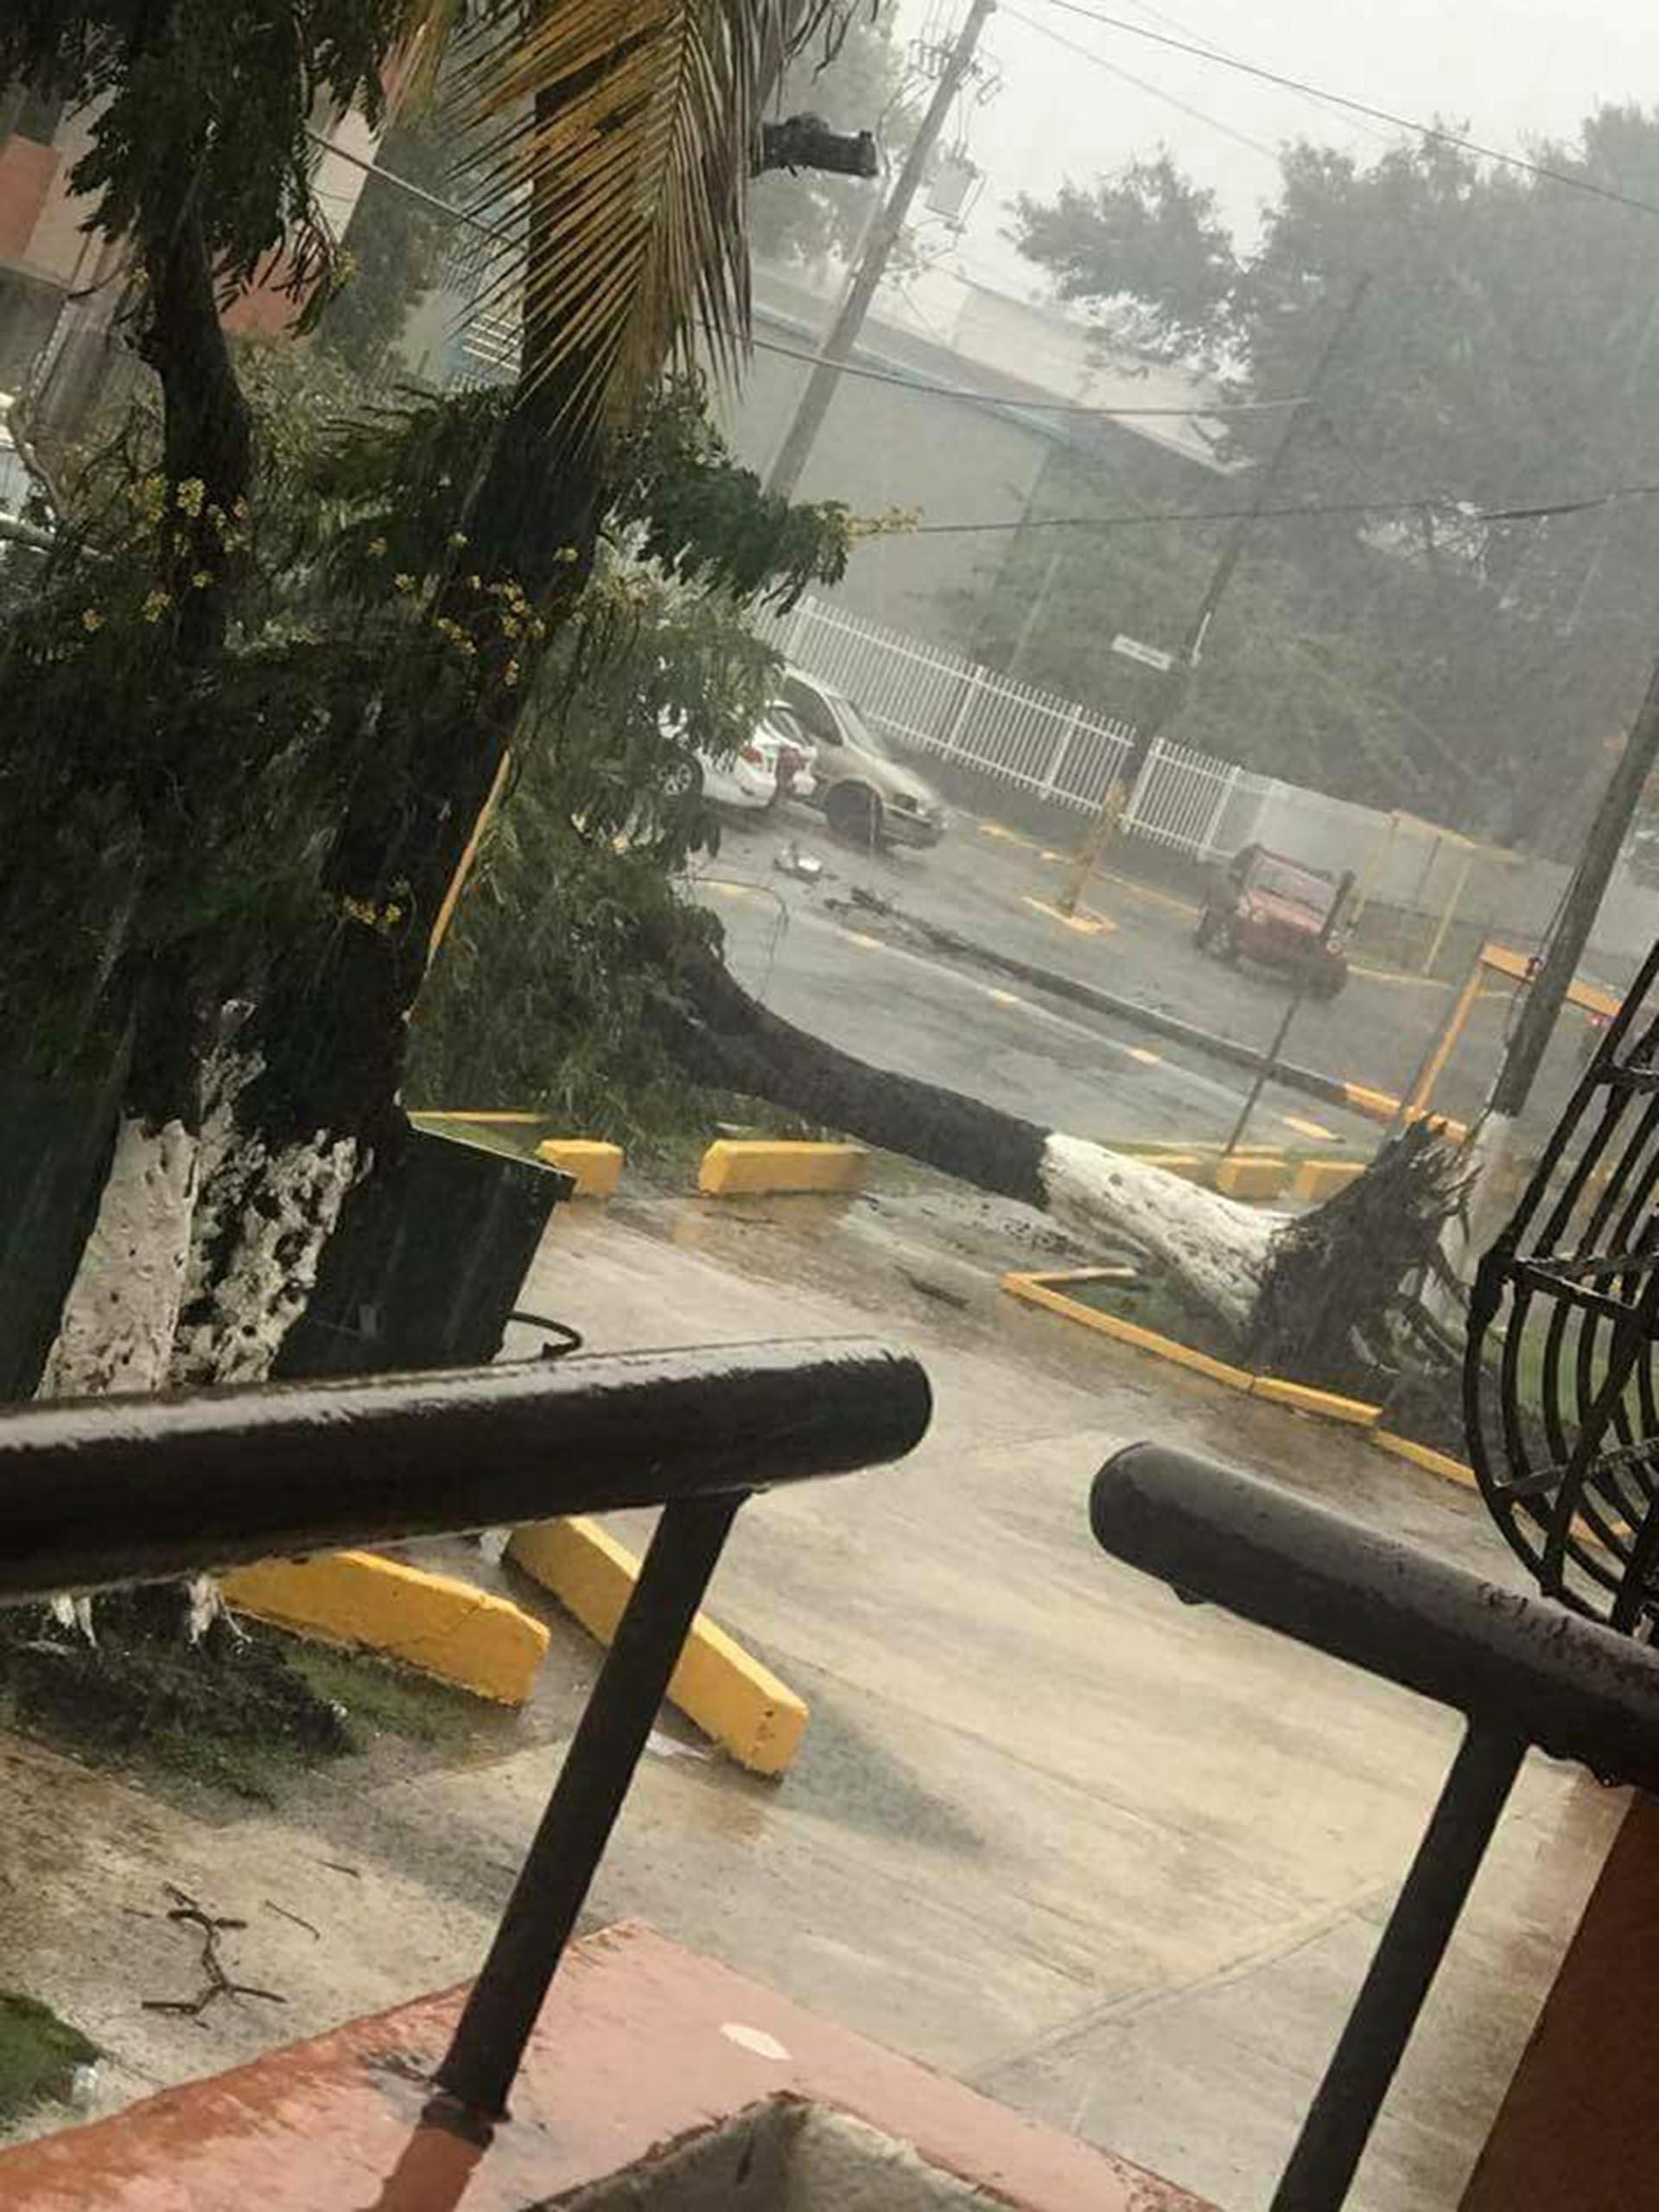 San Juan, Puerto Rico 6 de septiembre (Reuters)